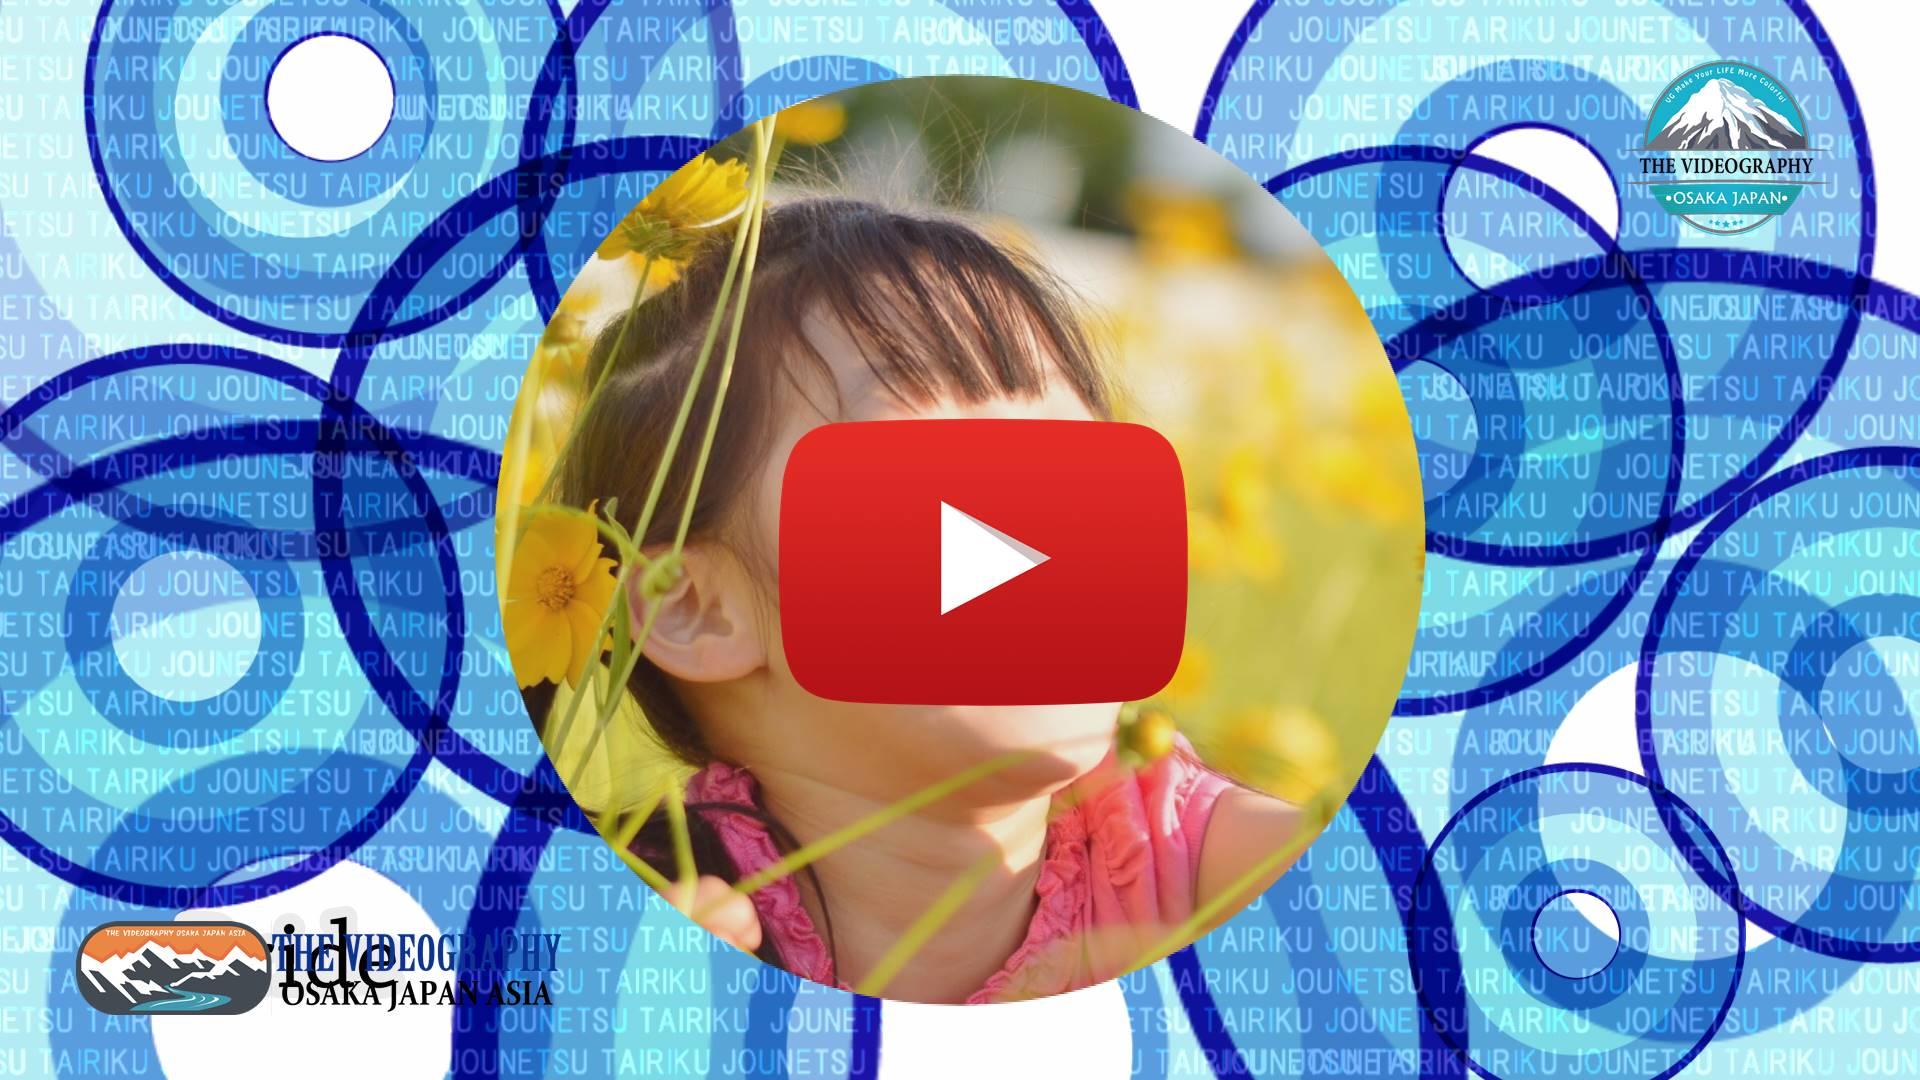 情熱大陸風結婚式/披露宴オープニングビデオ